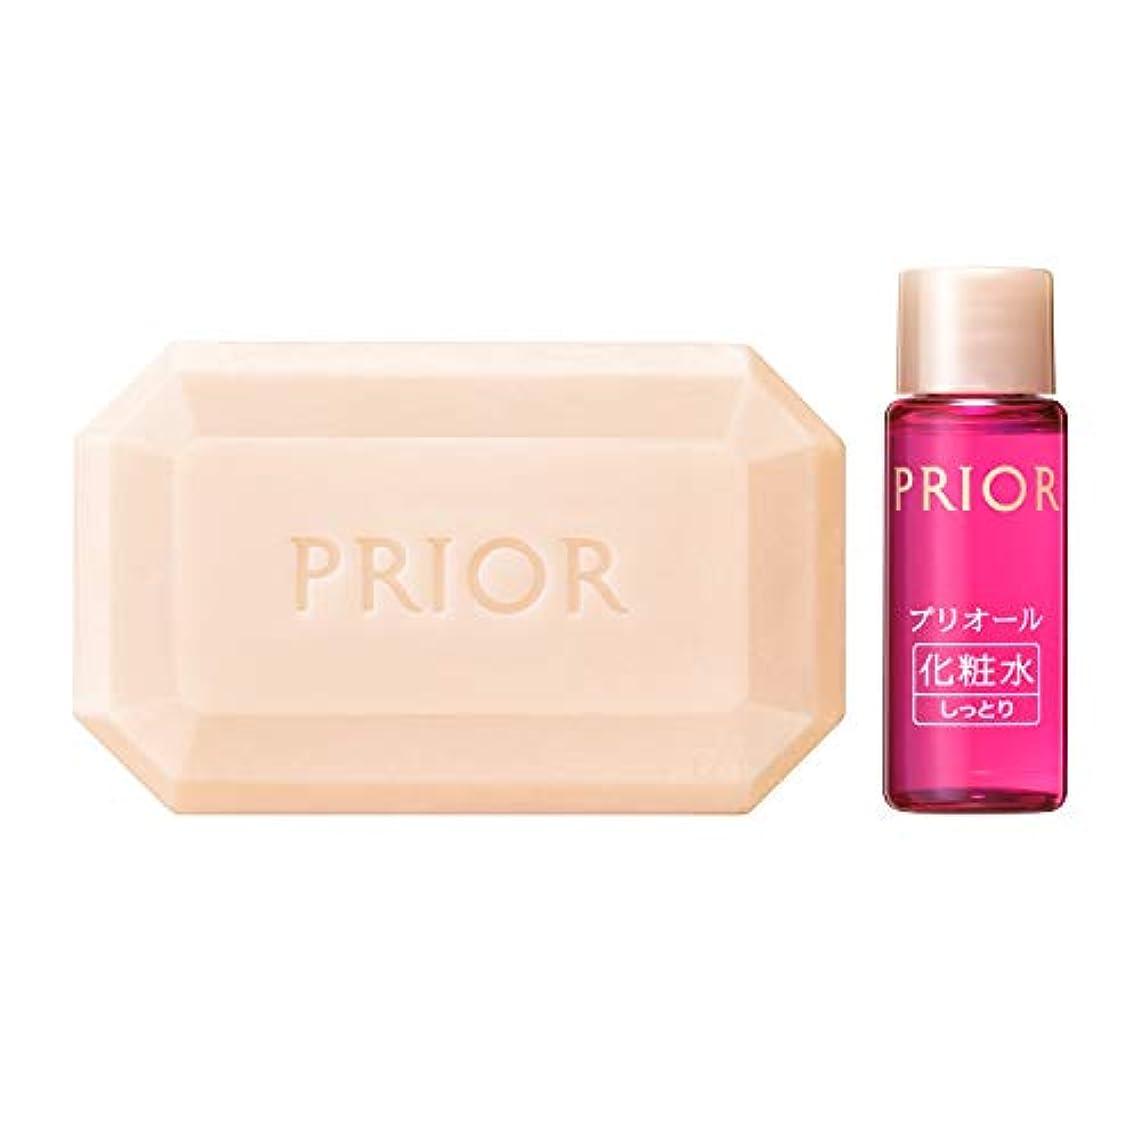 強います継続中危険を冒しますプリオール オールクリア石鹸 限定セット a 化粧水ミニボトル付き 100g + 7mL